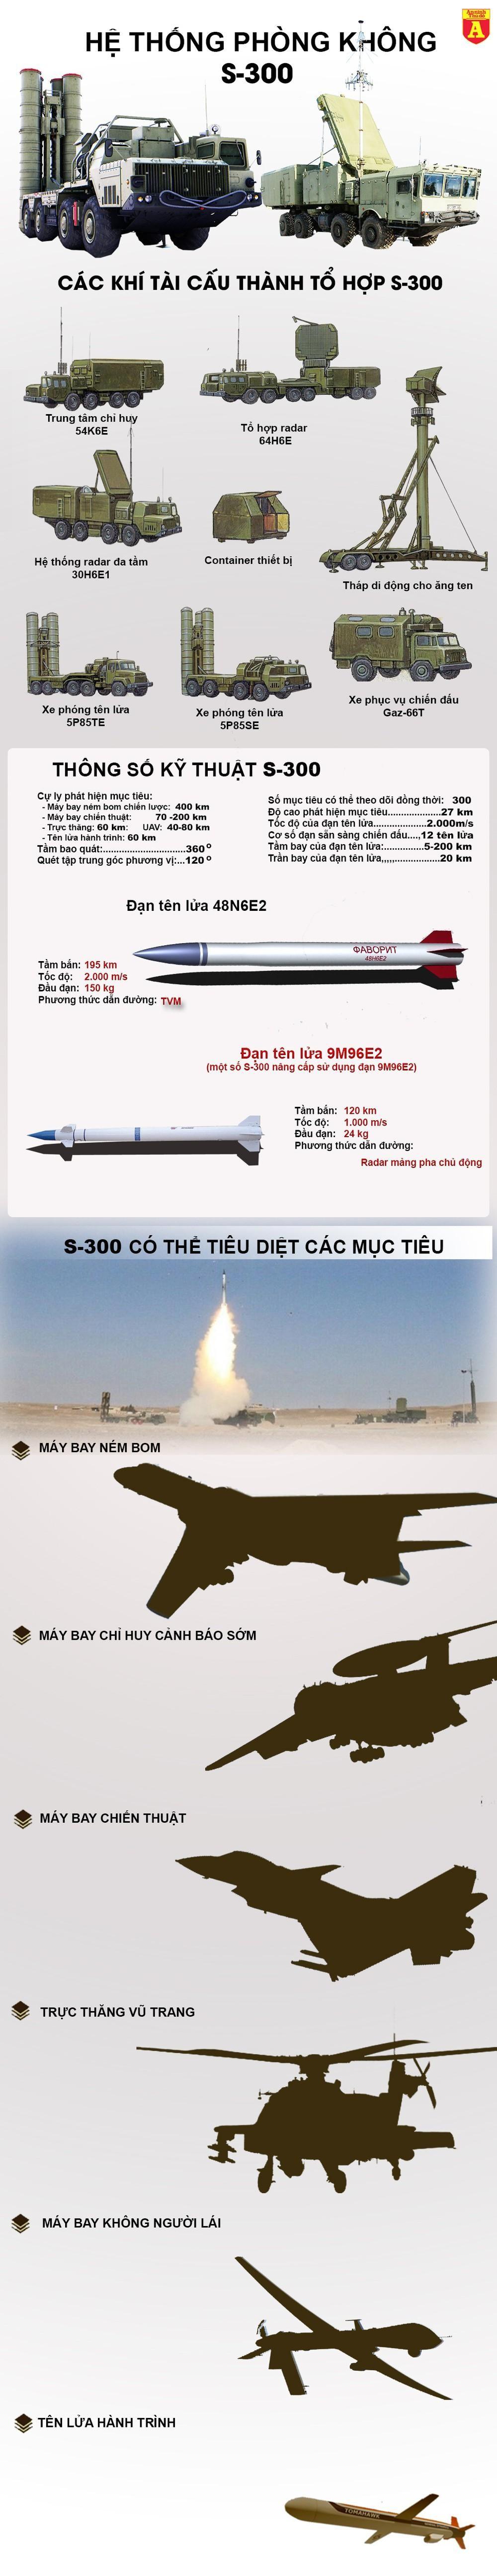 [Info] Thỏa thuận sụp đổ, Moscow 'mở trói' cho S-300 Syria nhắm vào máy bay Israel? ảnh 3